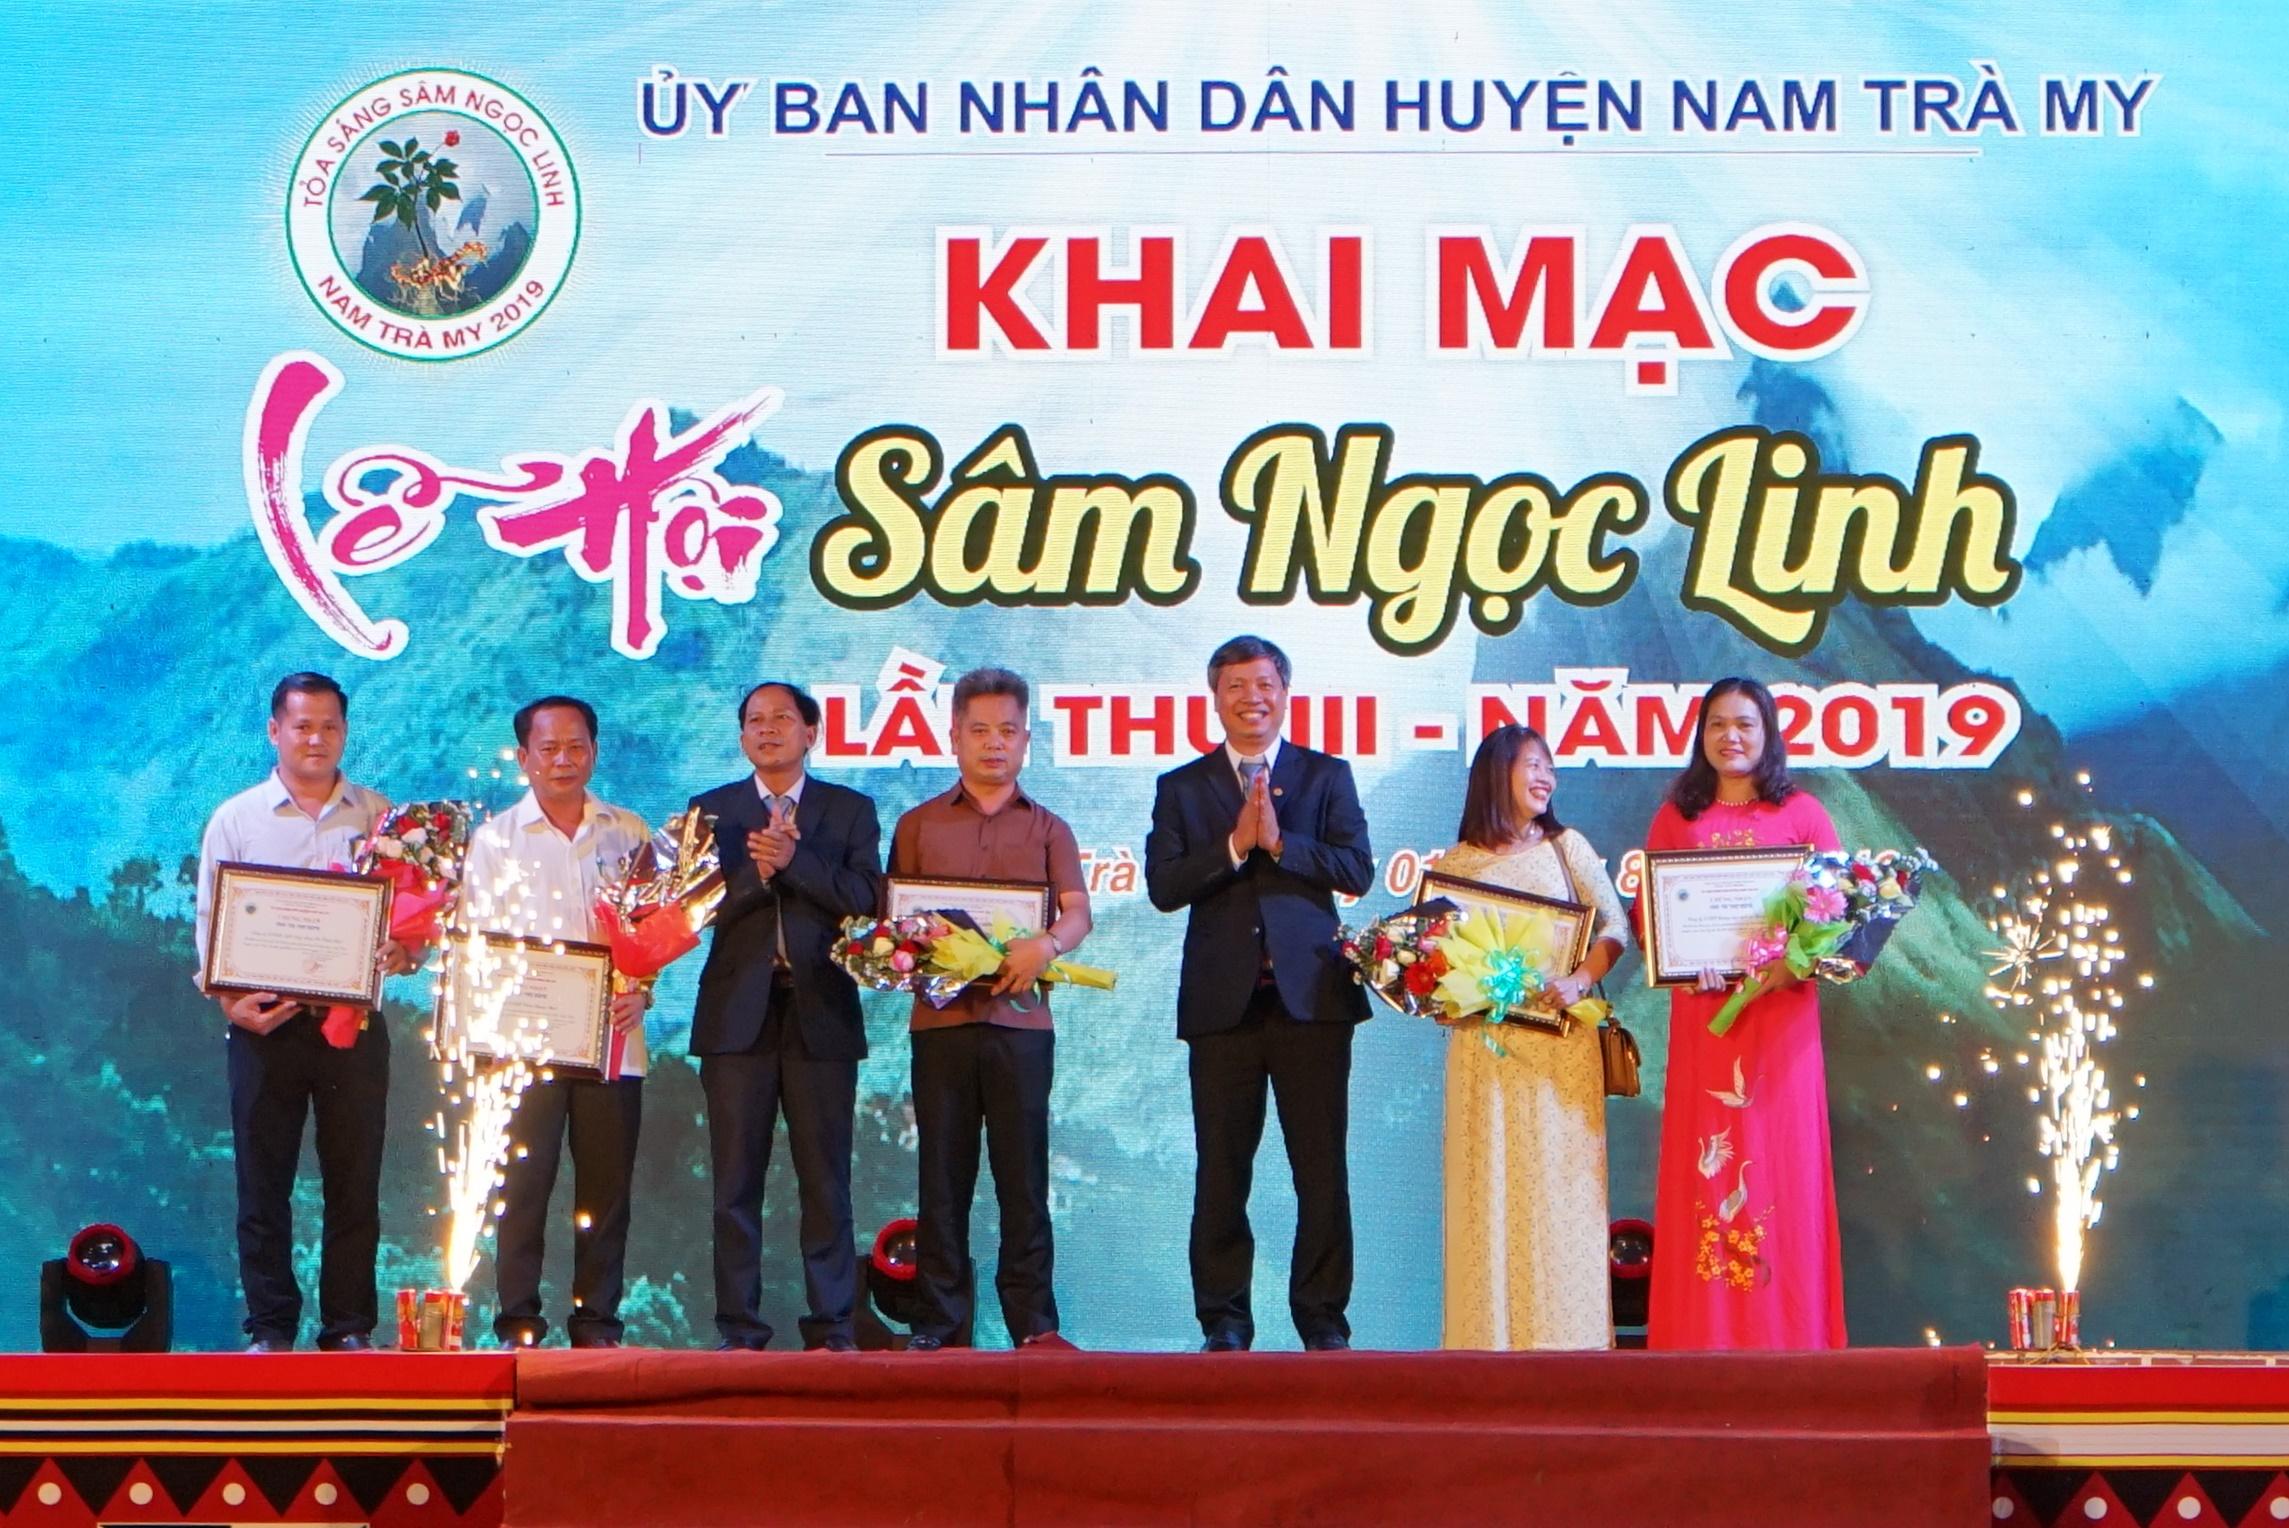 Khai mạc Lễ hội sâm Ngọc Linh lần thứ 3 - 2019